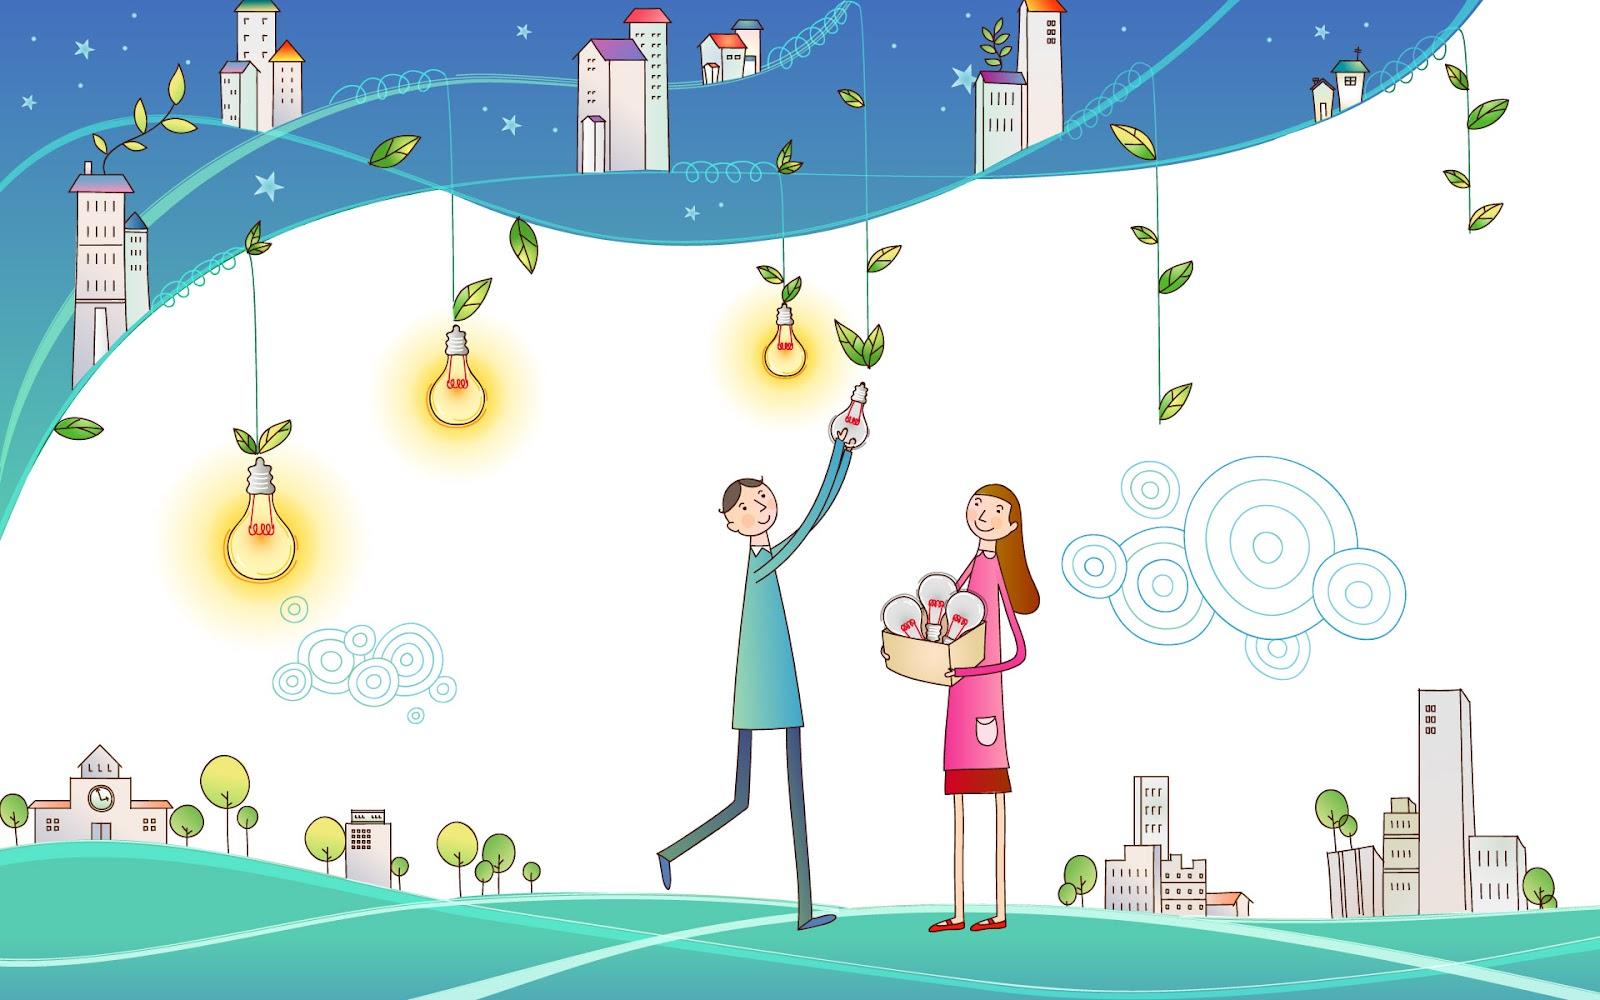 Fondos de Dibujos Animados de Amor | Imagenes de Corazones